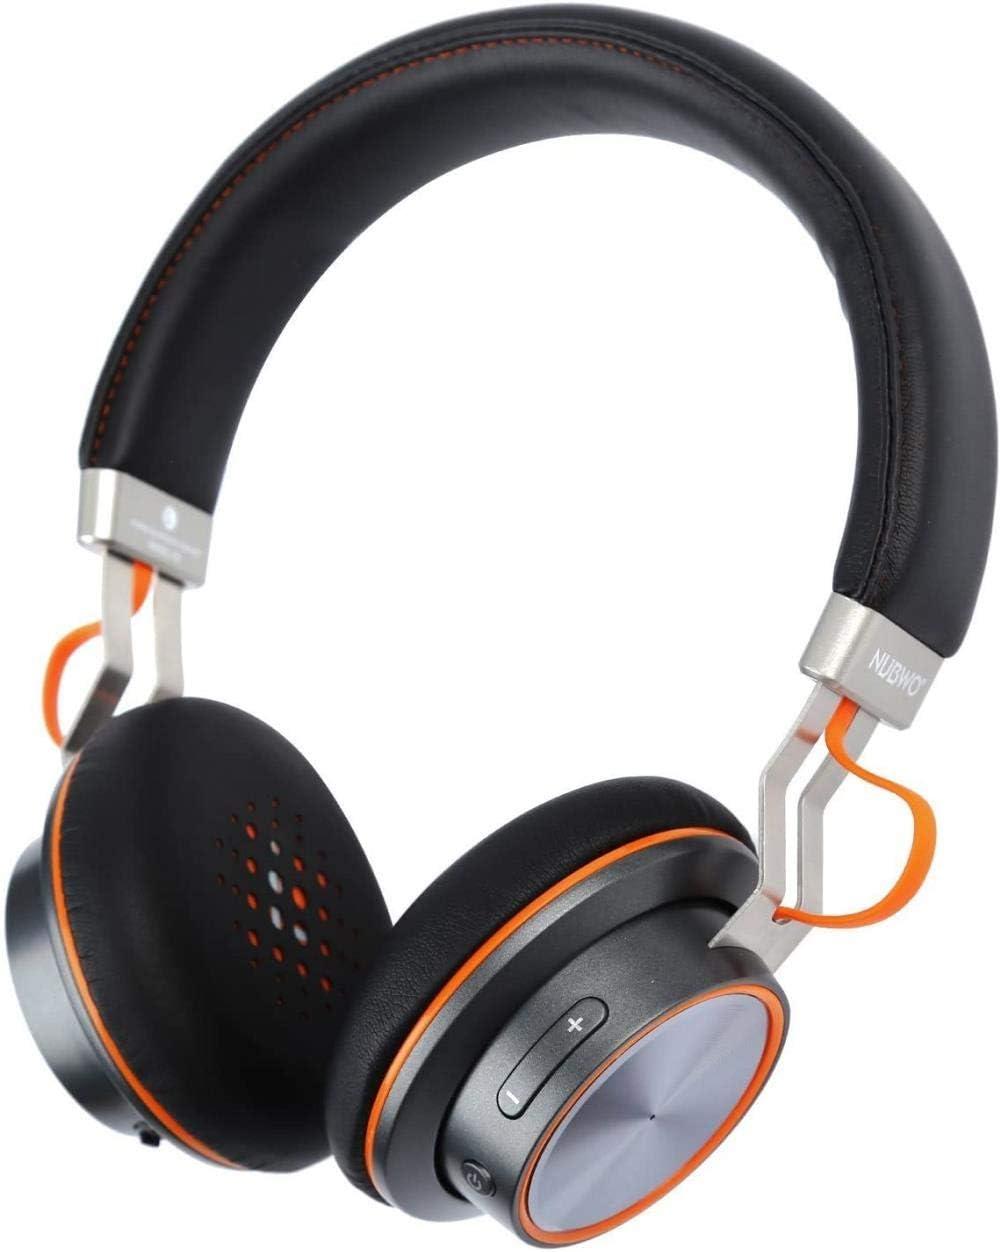 Auriculares Bluetooth, auriculares inalámbricos sin auriculares con micrófono micrófono de oído para teléfonos móviles